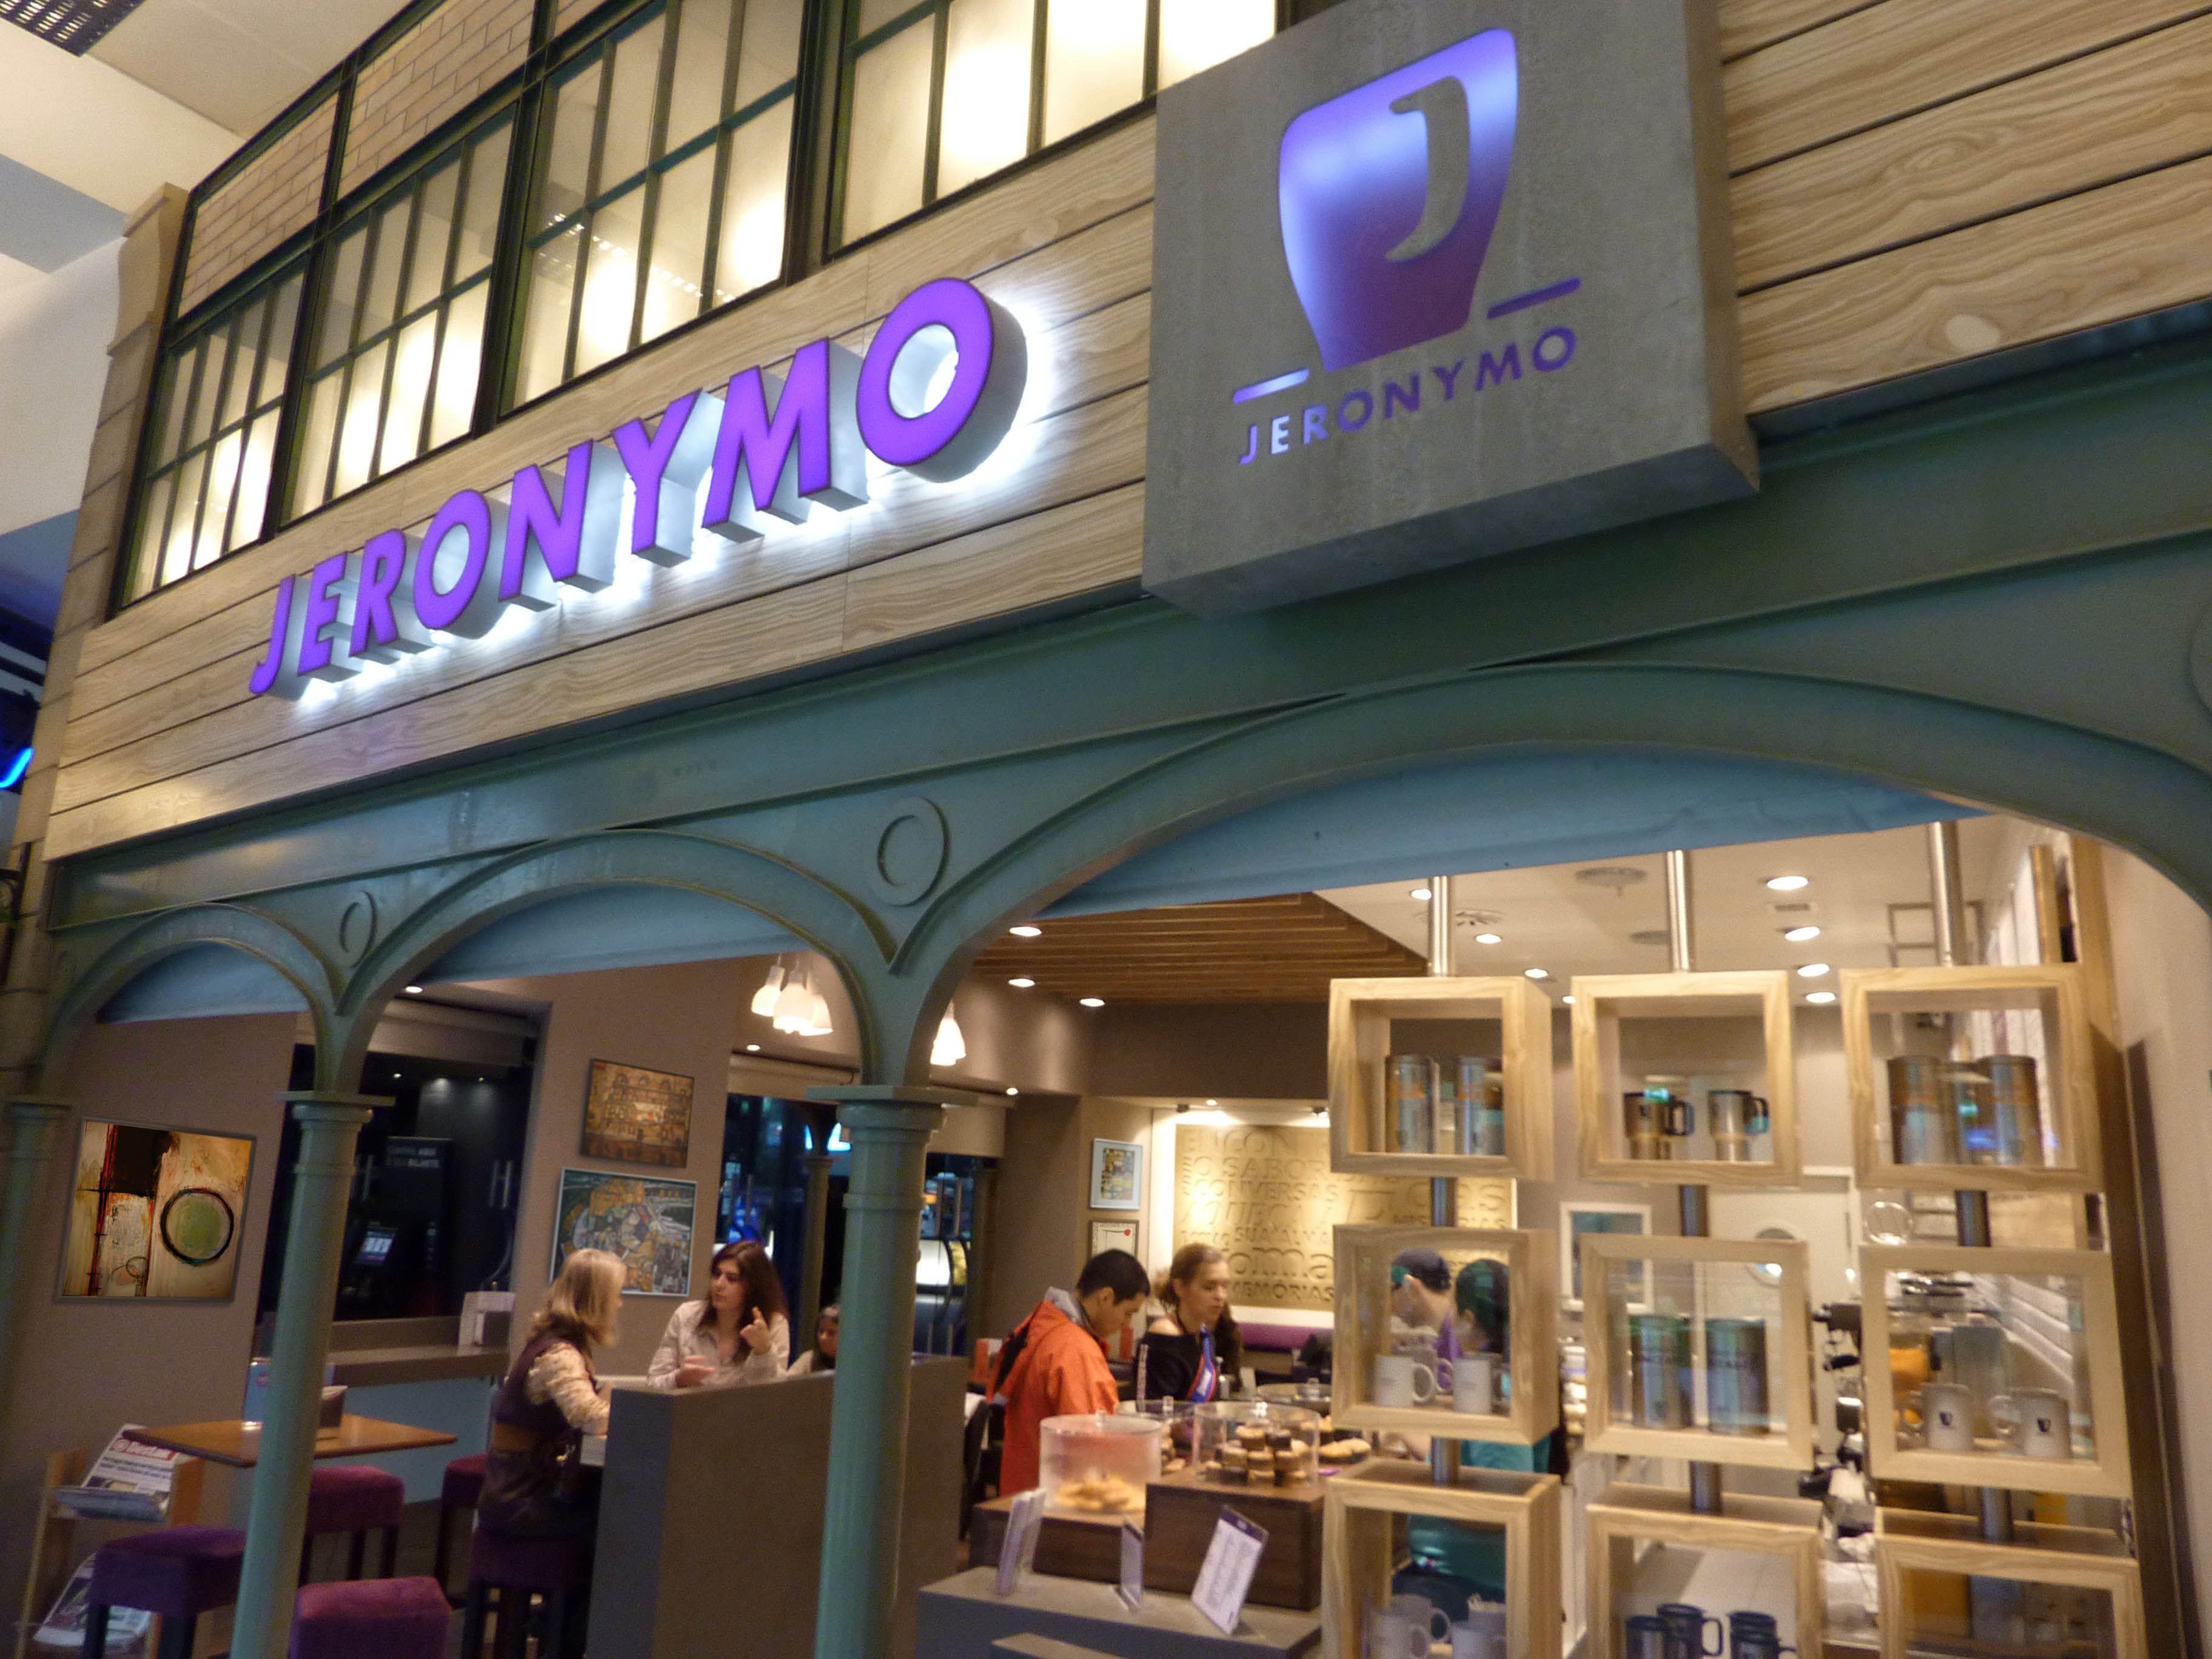 Jeronymo coffee store. Exterior branding. Lit purple